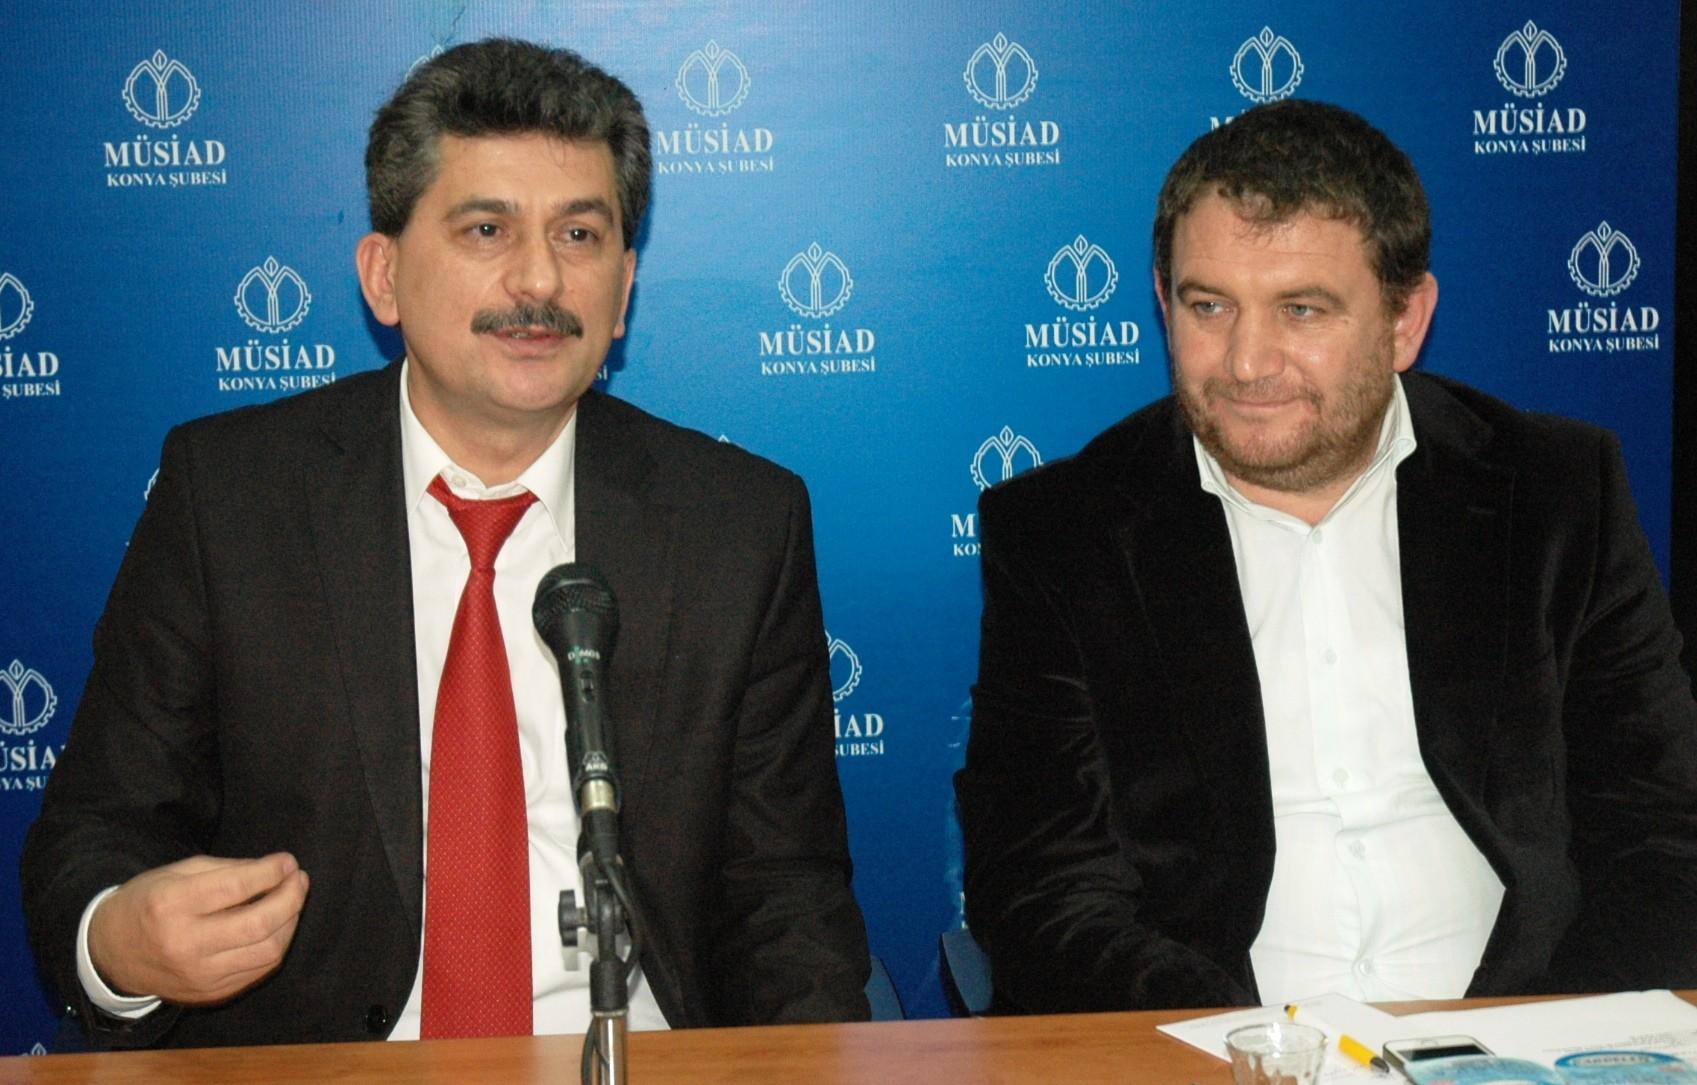 MÜSİADın gündemi Türk Kültür Dünyası